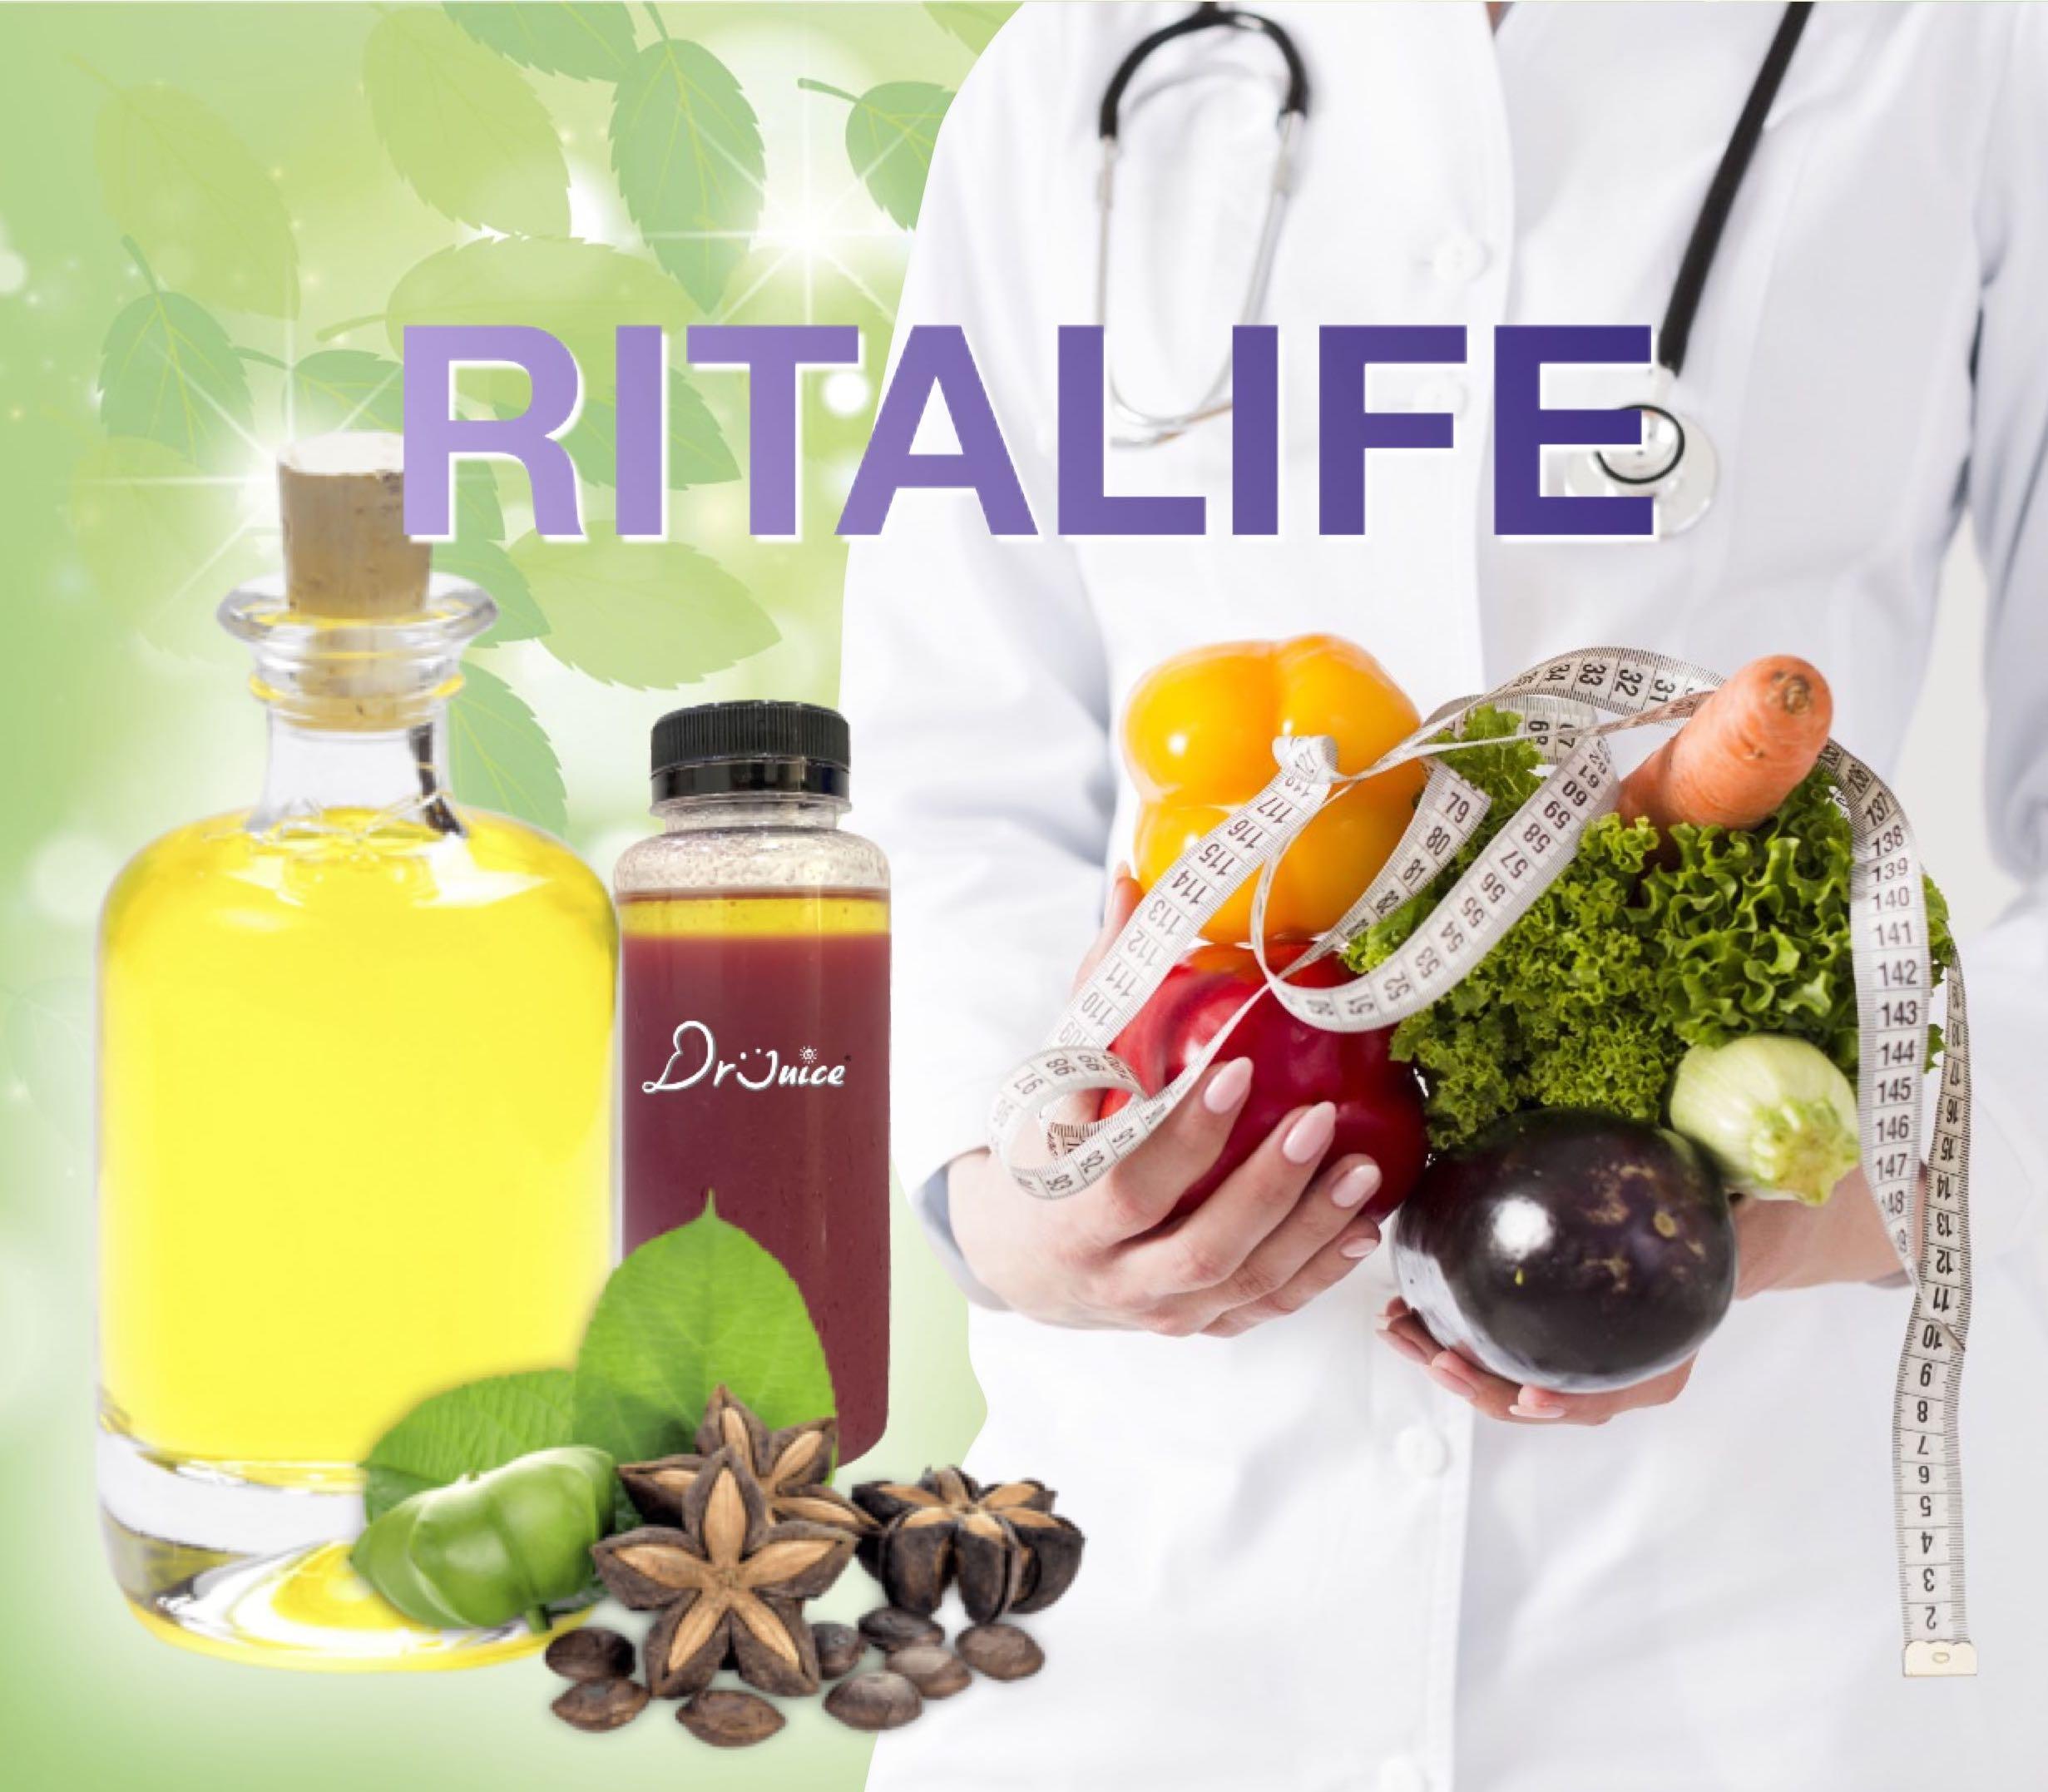 RITALIFE Healthcare Program – Rejuvenate・Longevity・Healthcare